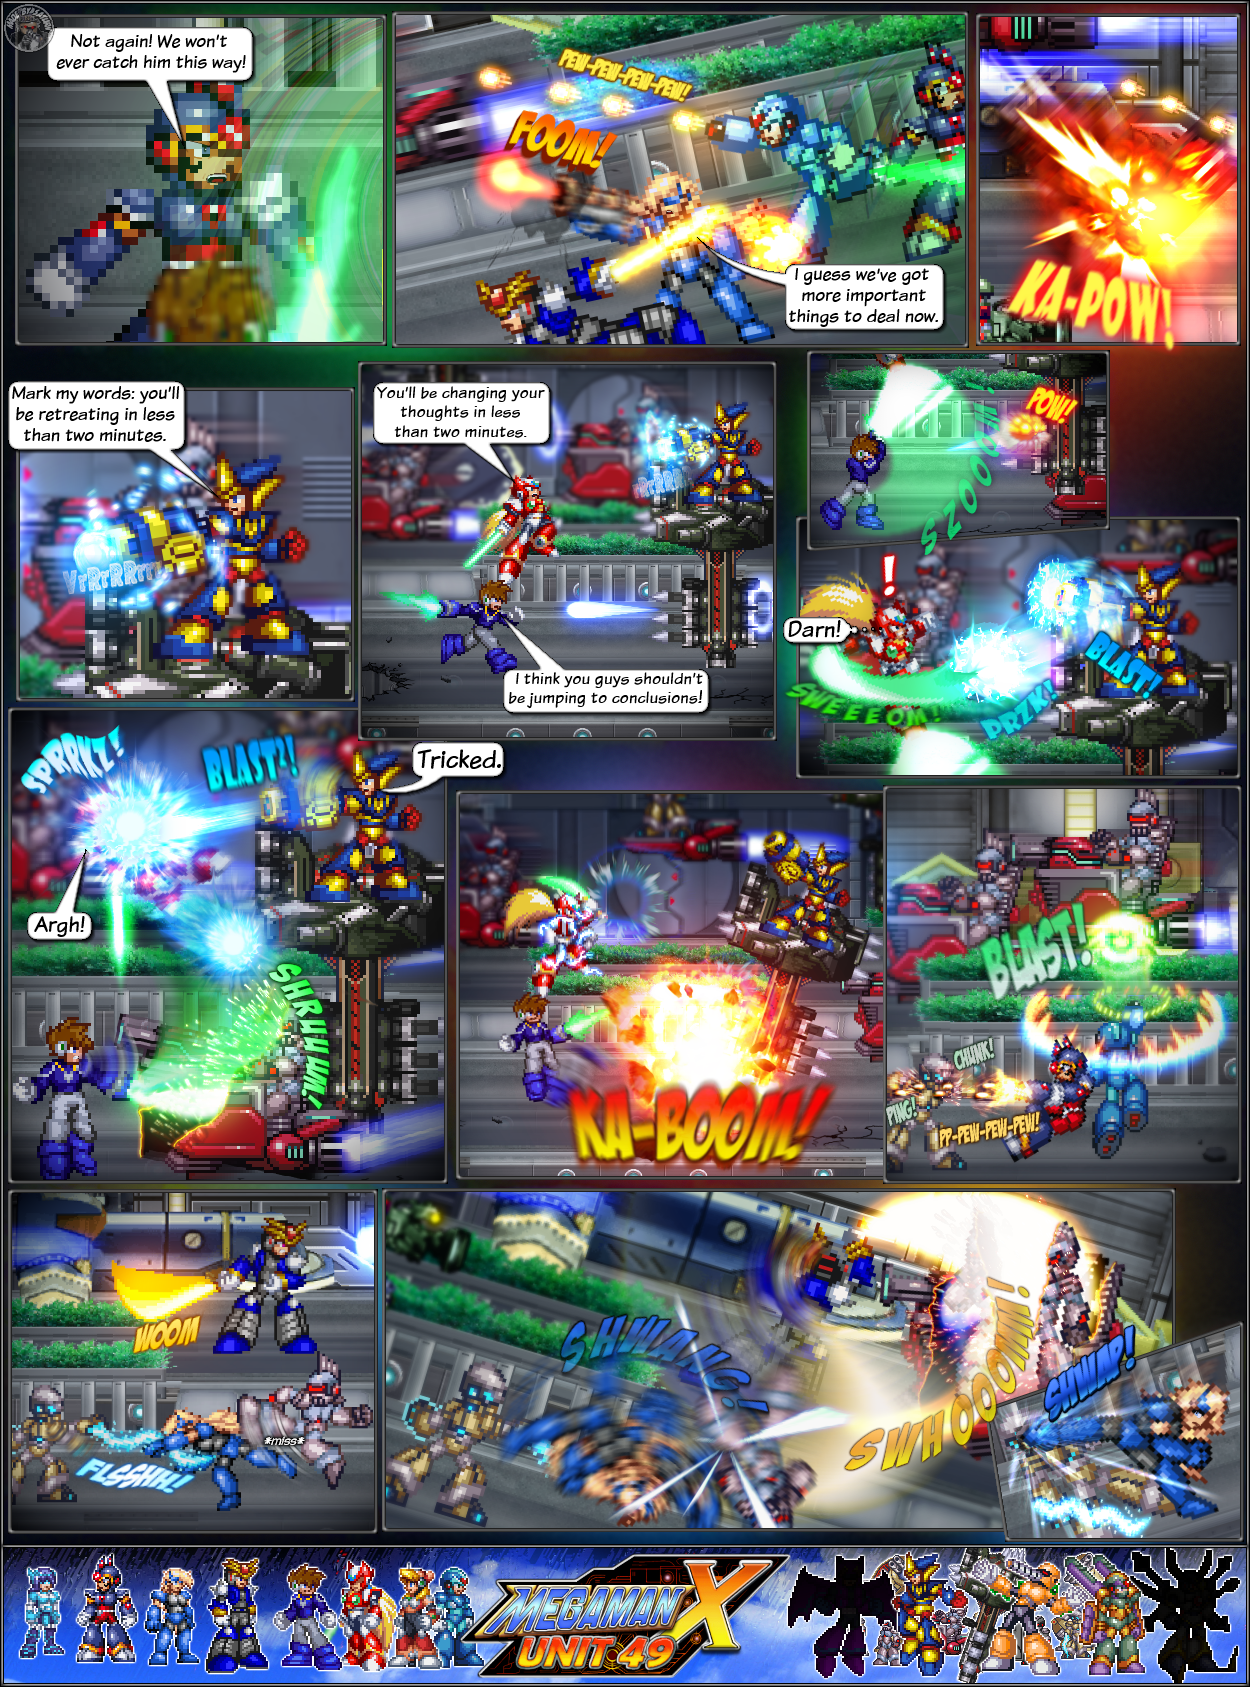 MMX:U49 - S1Ch4: Parade (Page 5) by IrregularSaturn